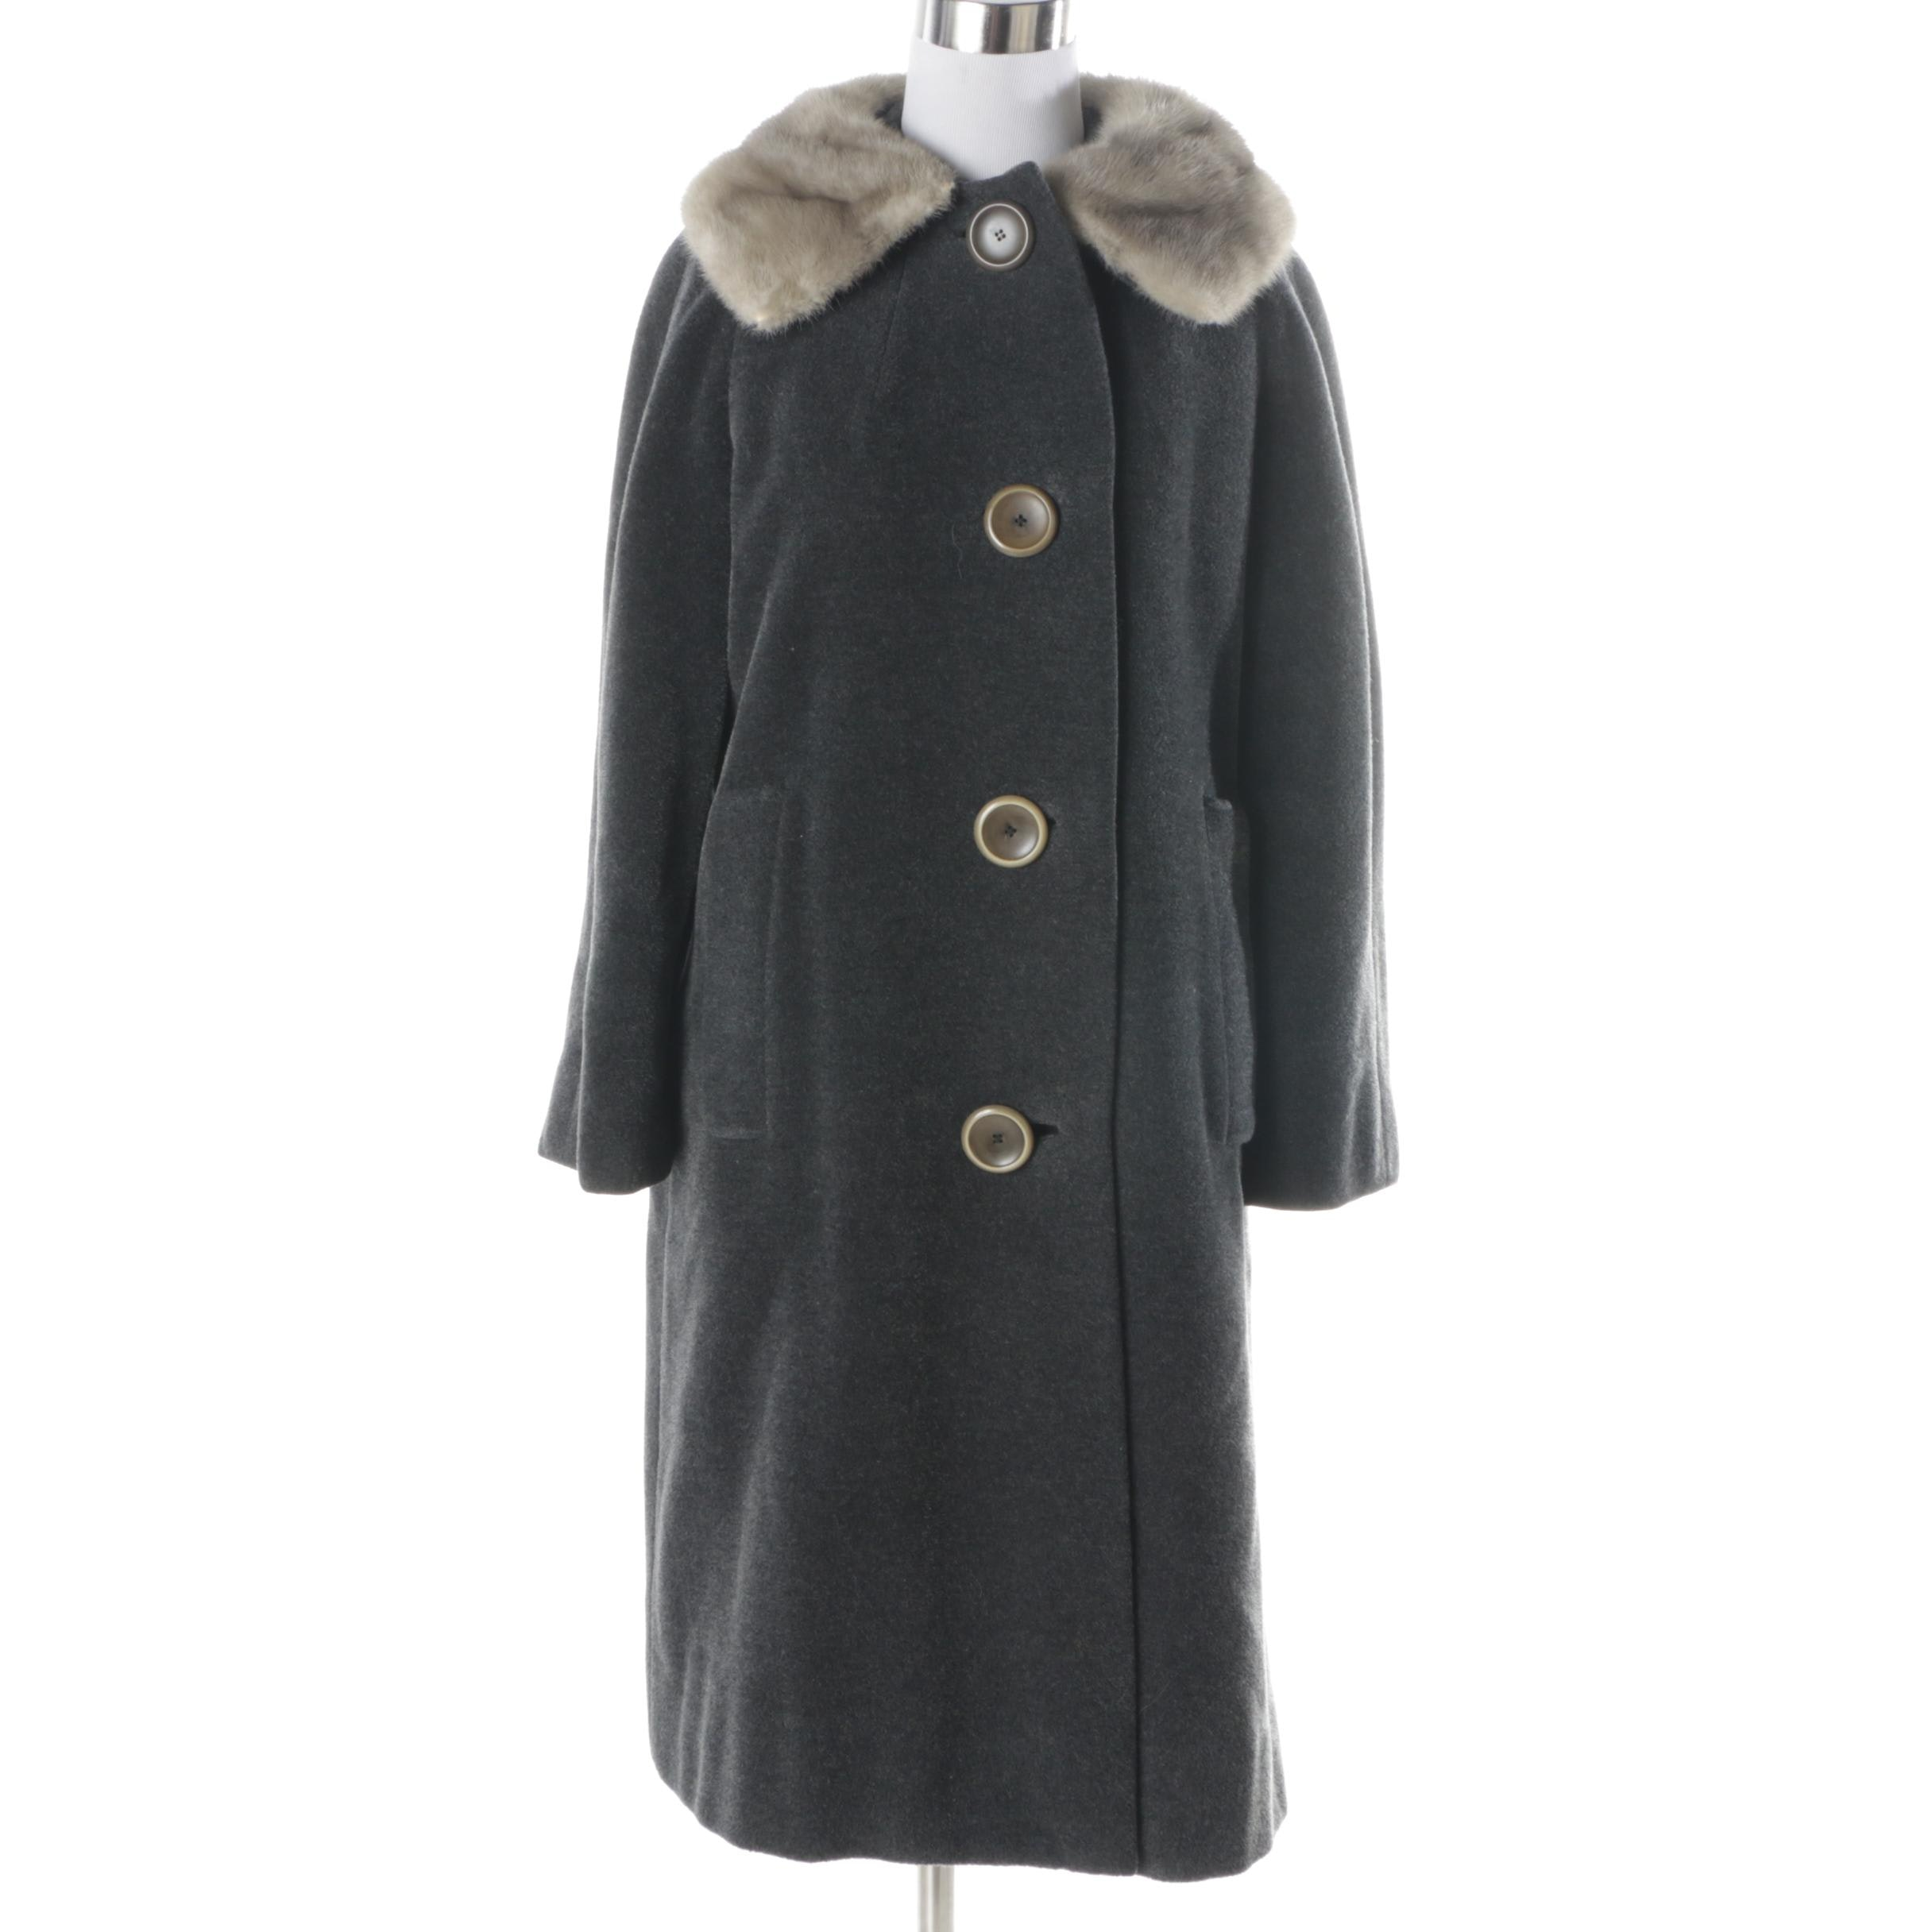 Women's Vintage Wool Coat with Mink Fur Collar